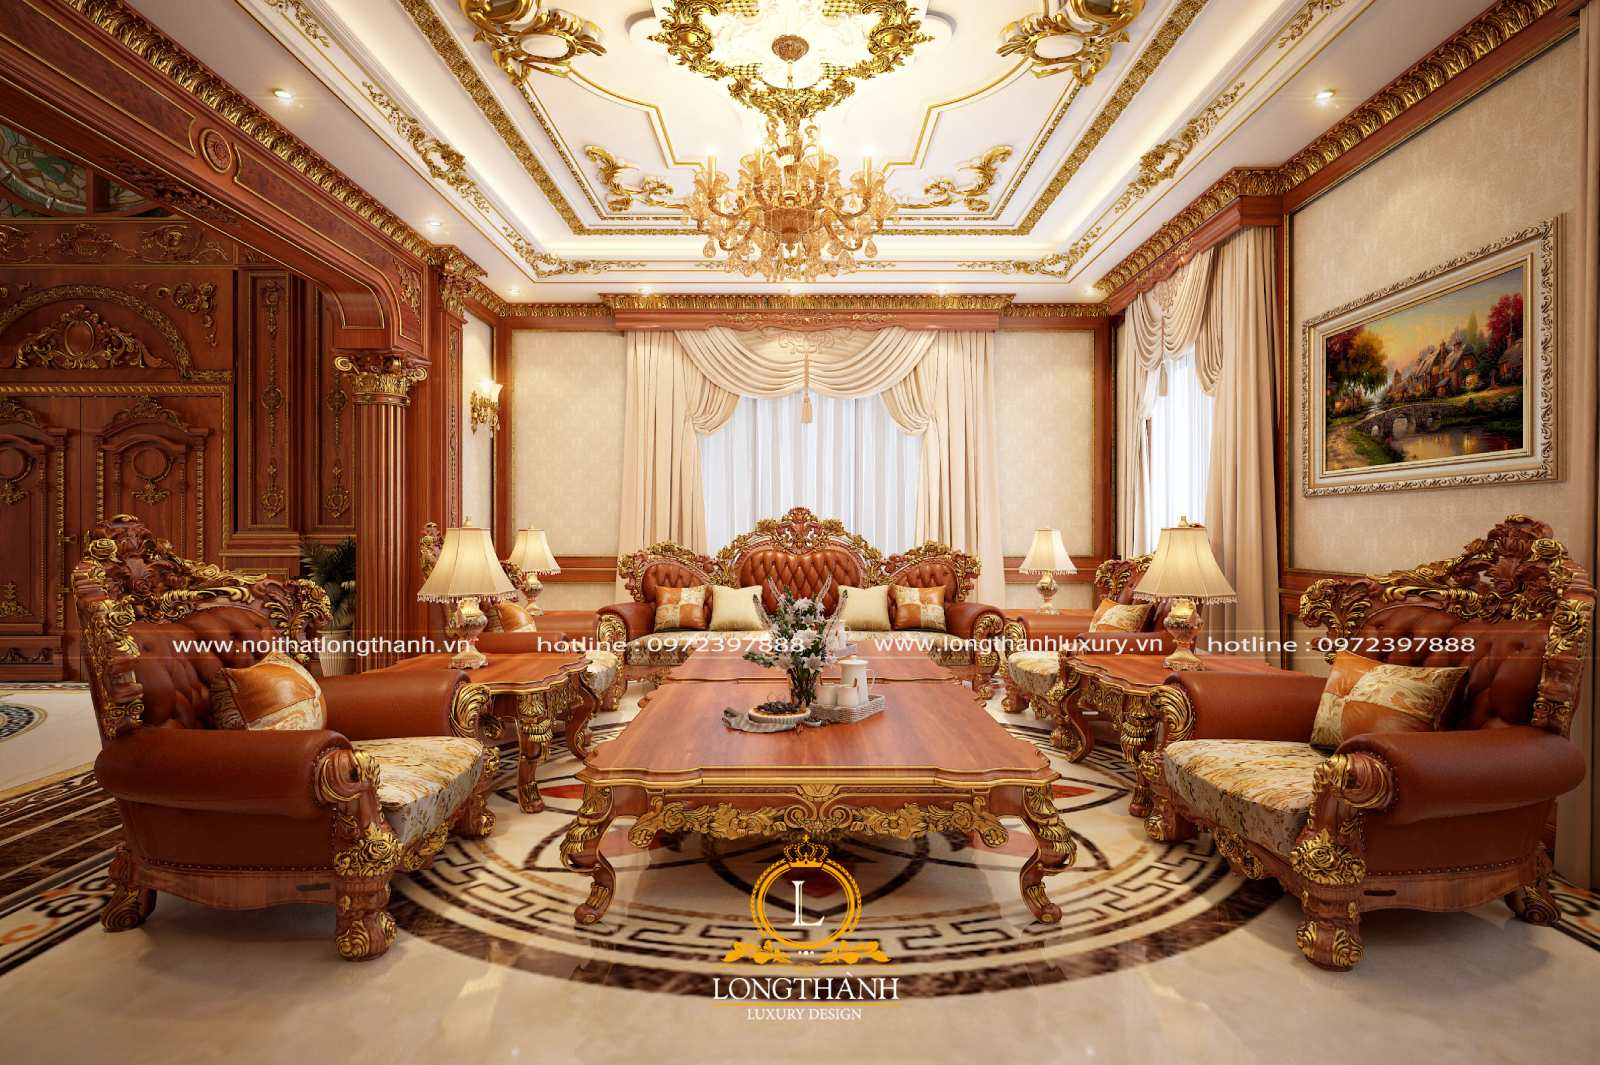 Phòng khách tân cổ điển lộng lẫy mang đậm phong cách hoàng gia